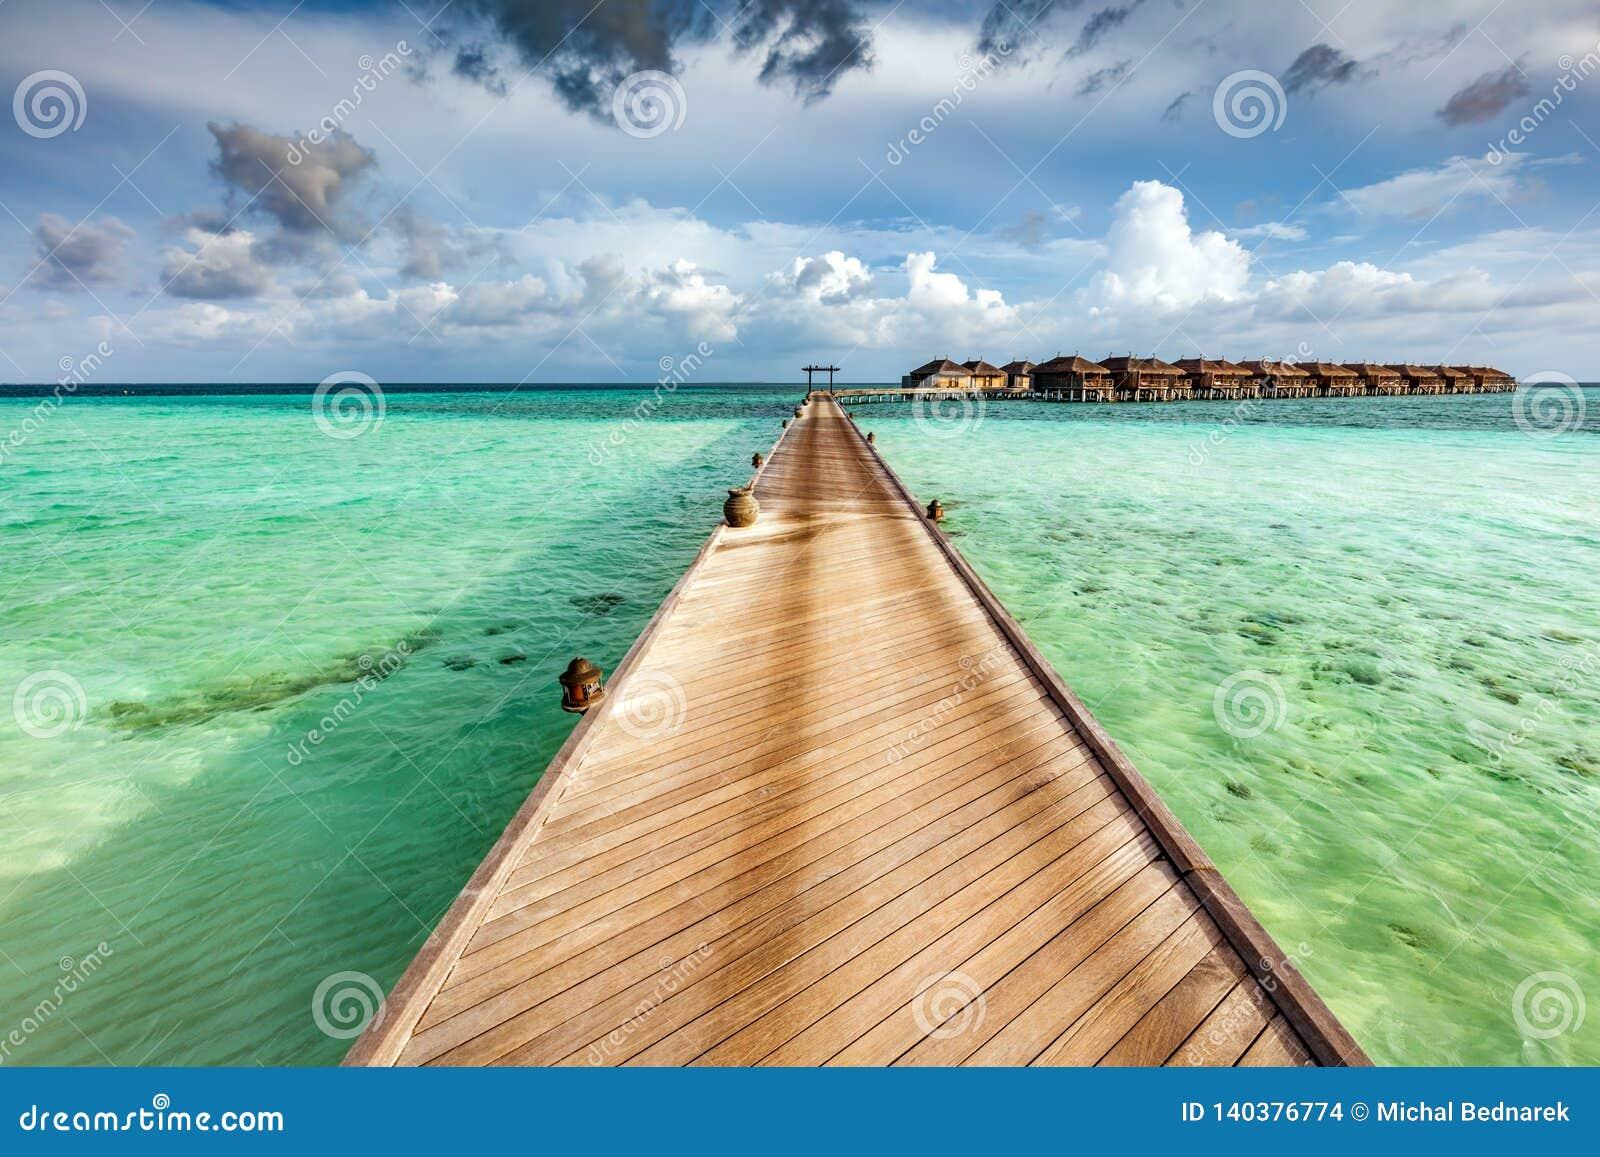 Деревянная мола на океане на островах Мальдивов